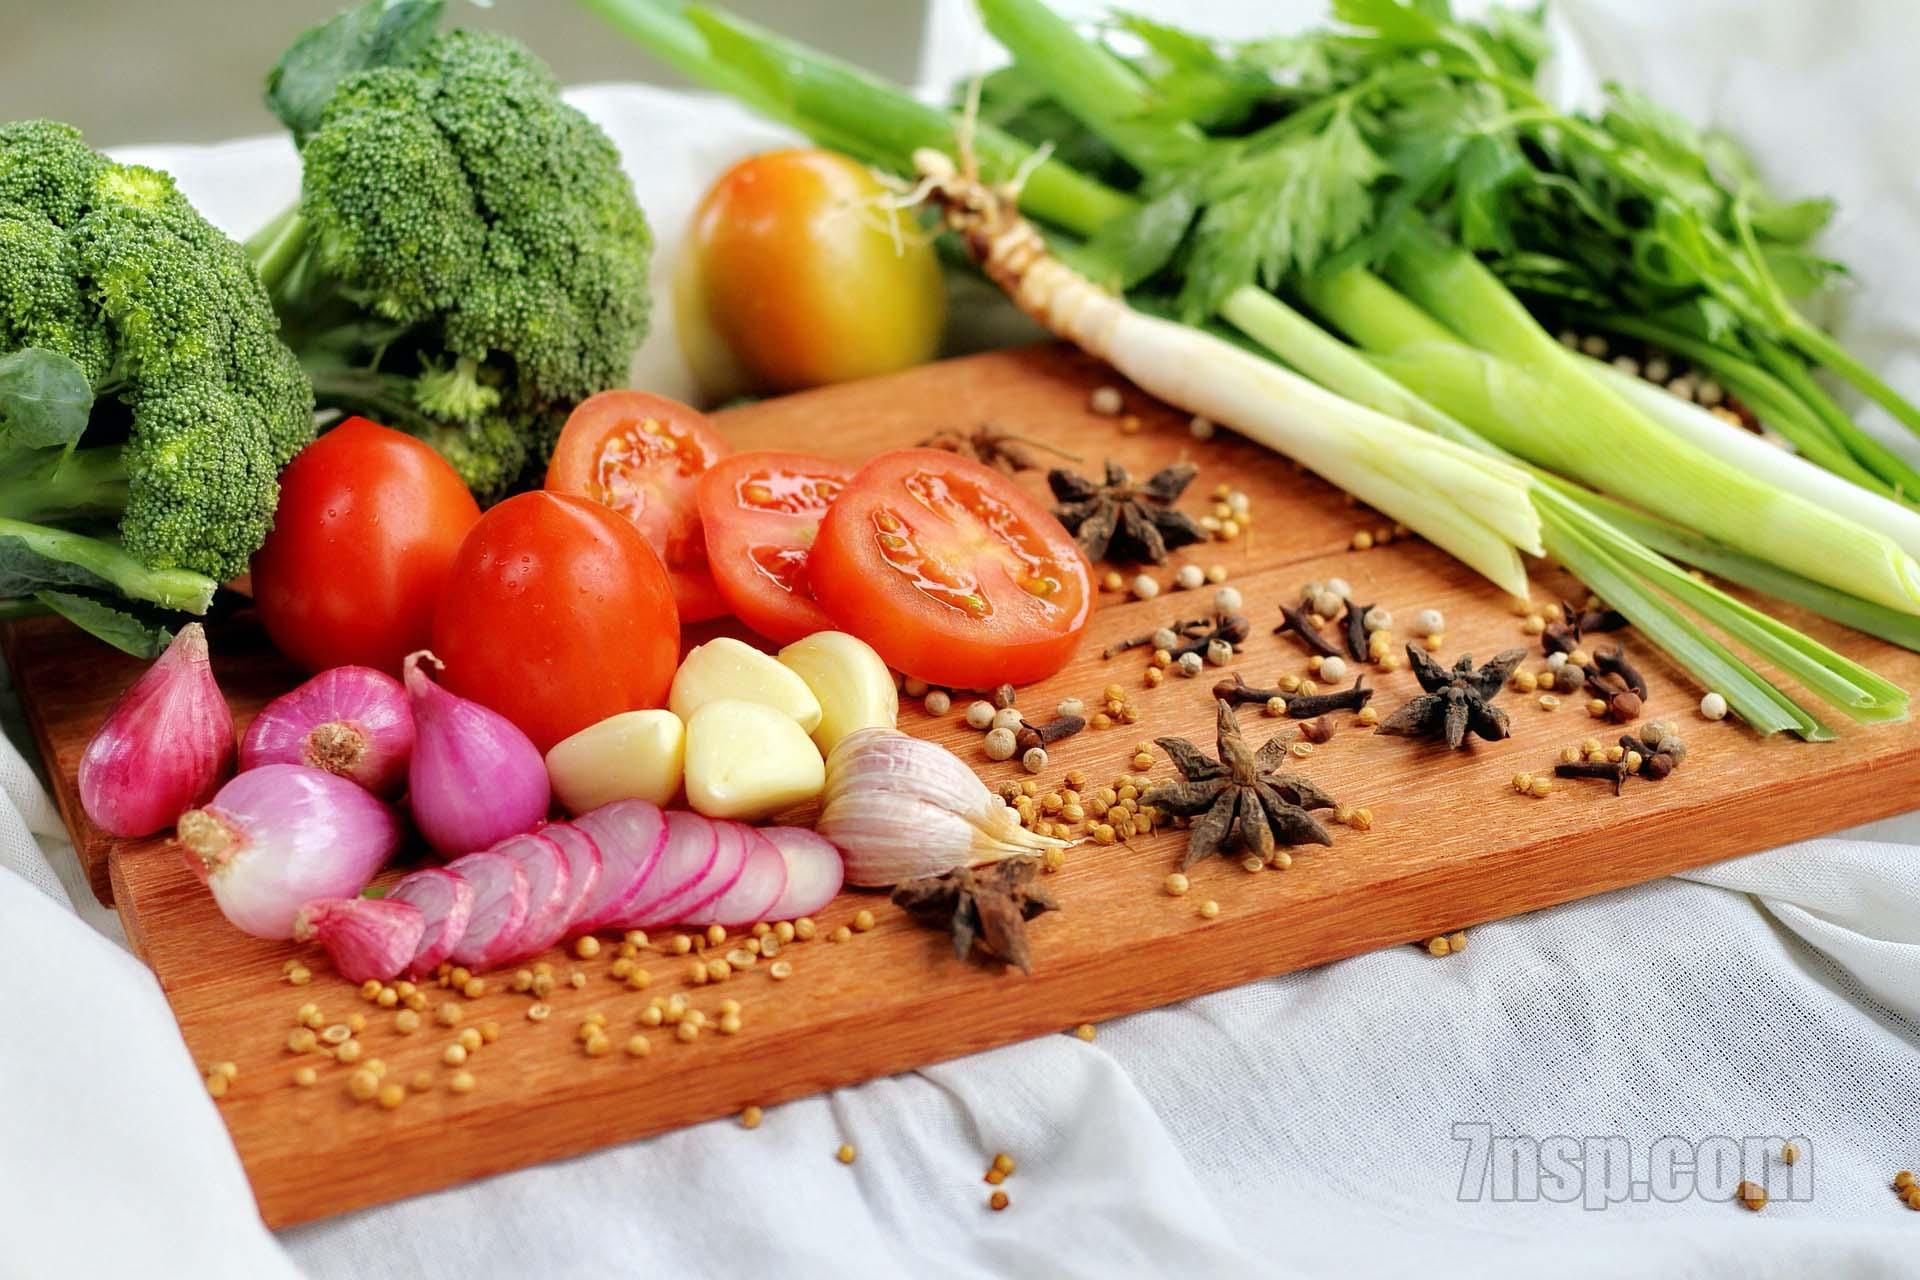 Белки растительного происхождения овощи список содержания протеинов, вегетарианцы, веганы